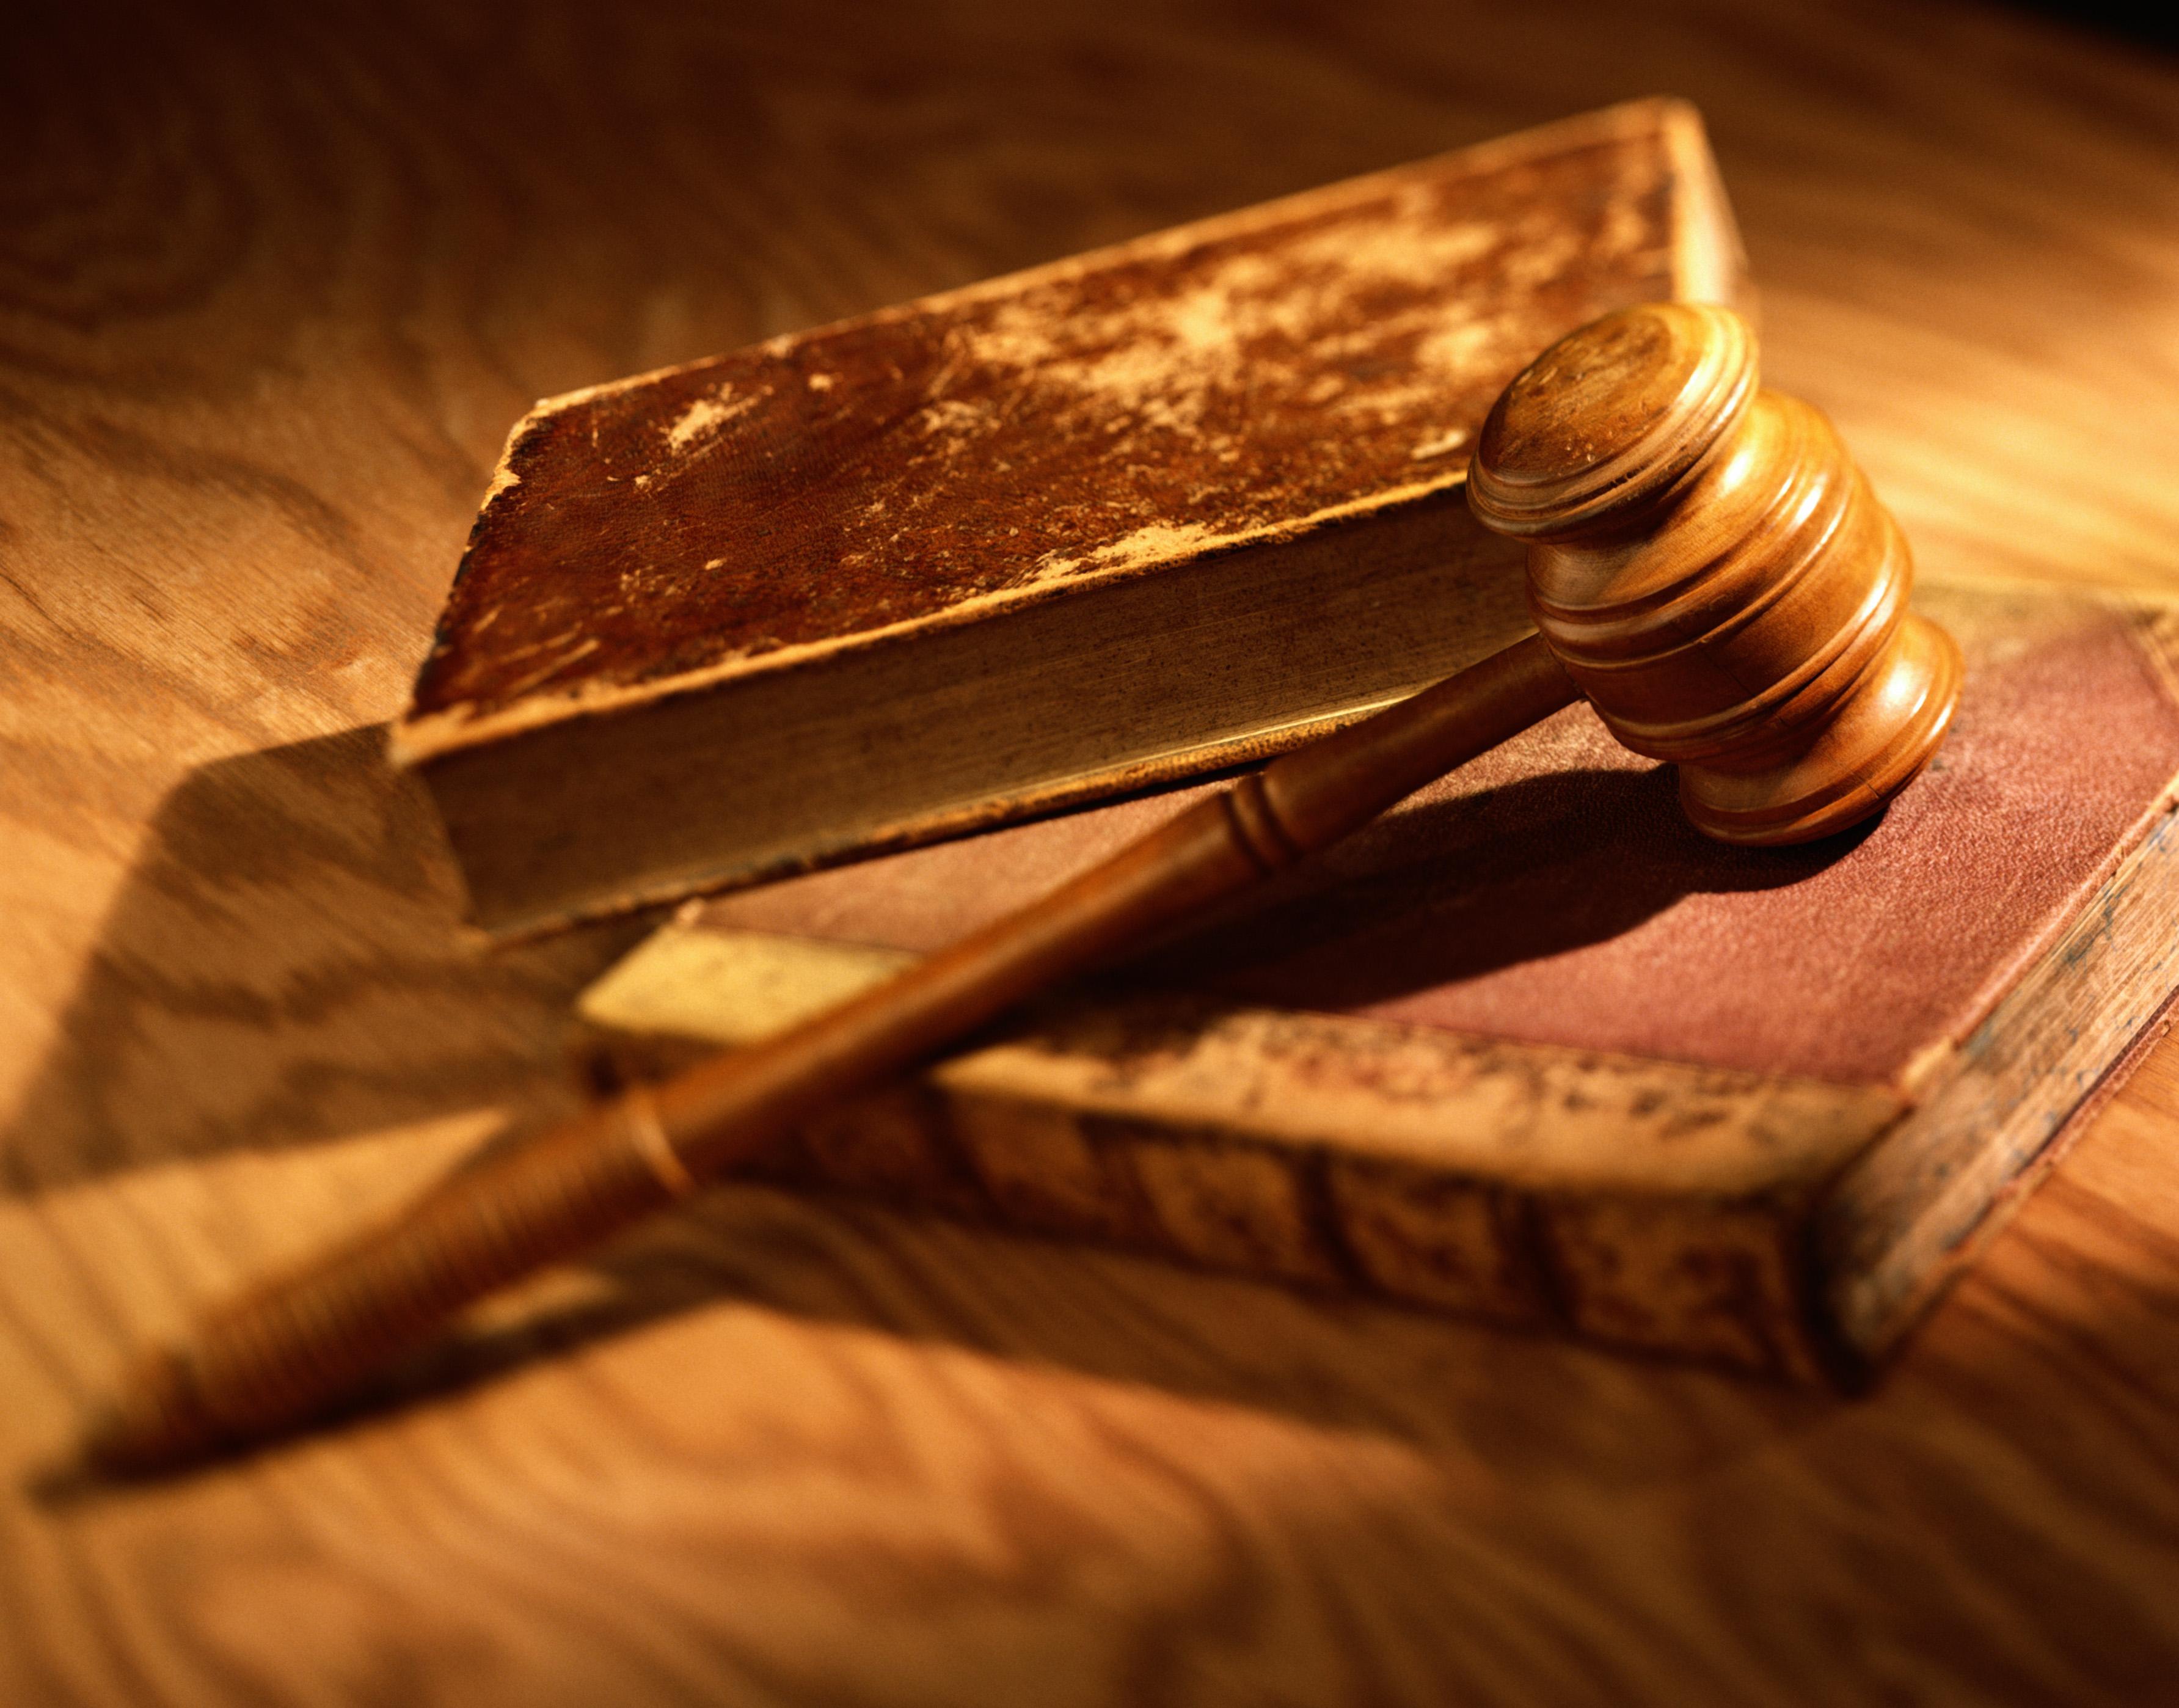 Как подать исковое заявление по нанесению побоев в суд отзывы